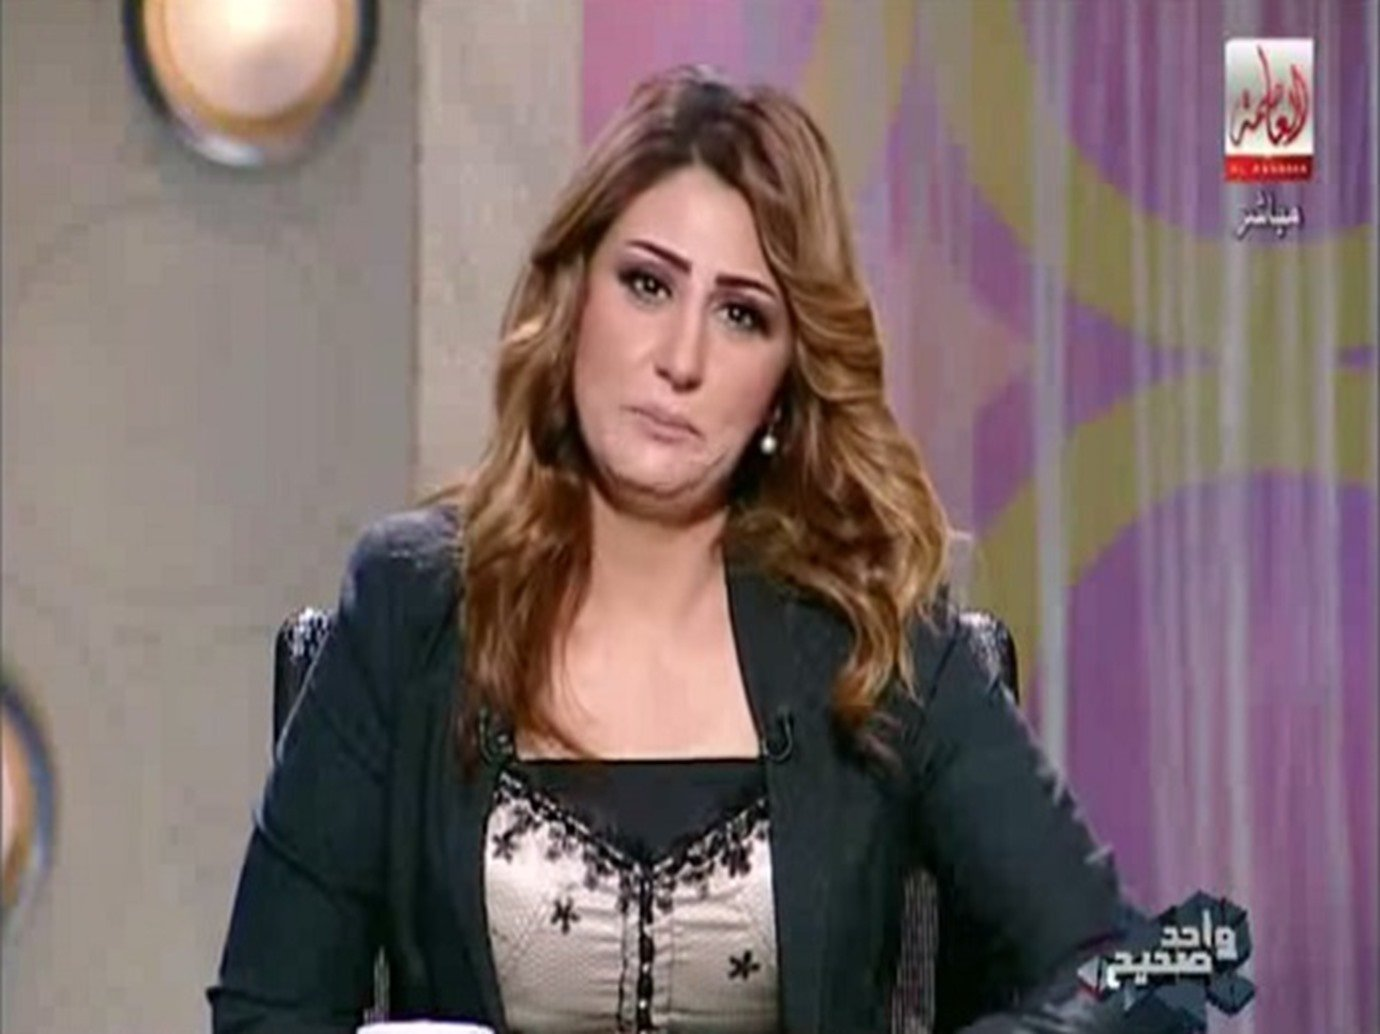 الإعلامية المصرية ريهام نعمان: المواطن يتجه إلى كل إخواني ساكن جانبه يدخل يقتله على طول ويولع فيه